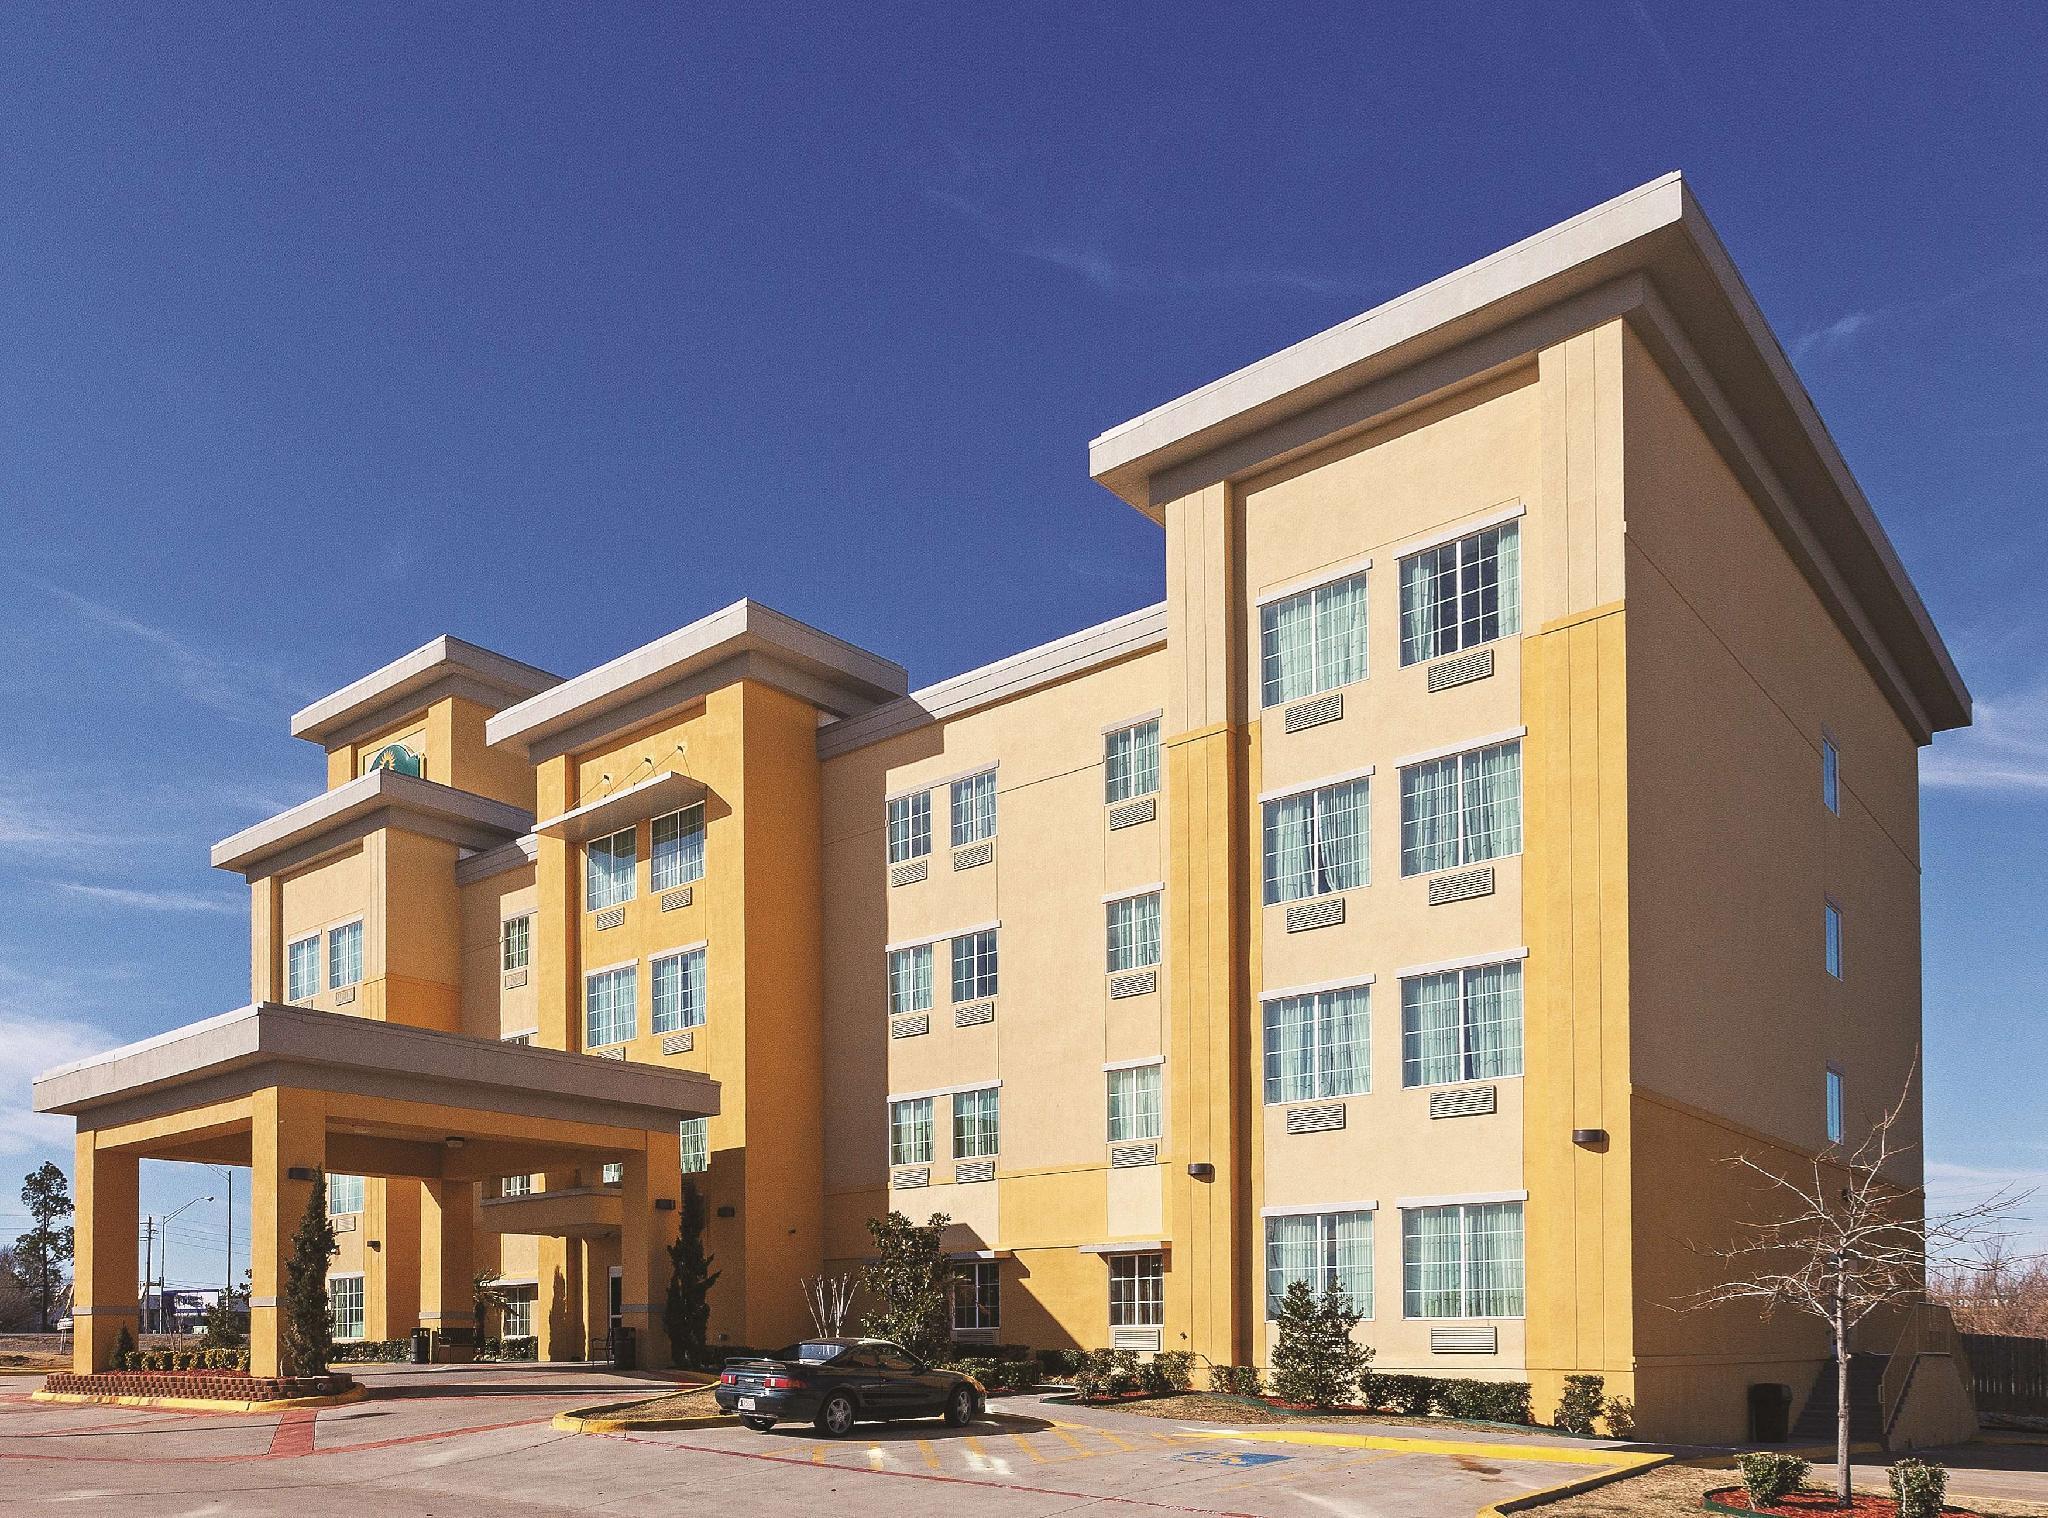 La Quinta Inn & Suites by Wyndham McAlester, Pittsburg